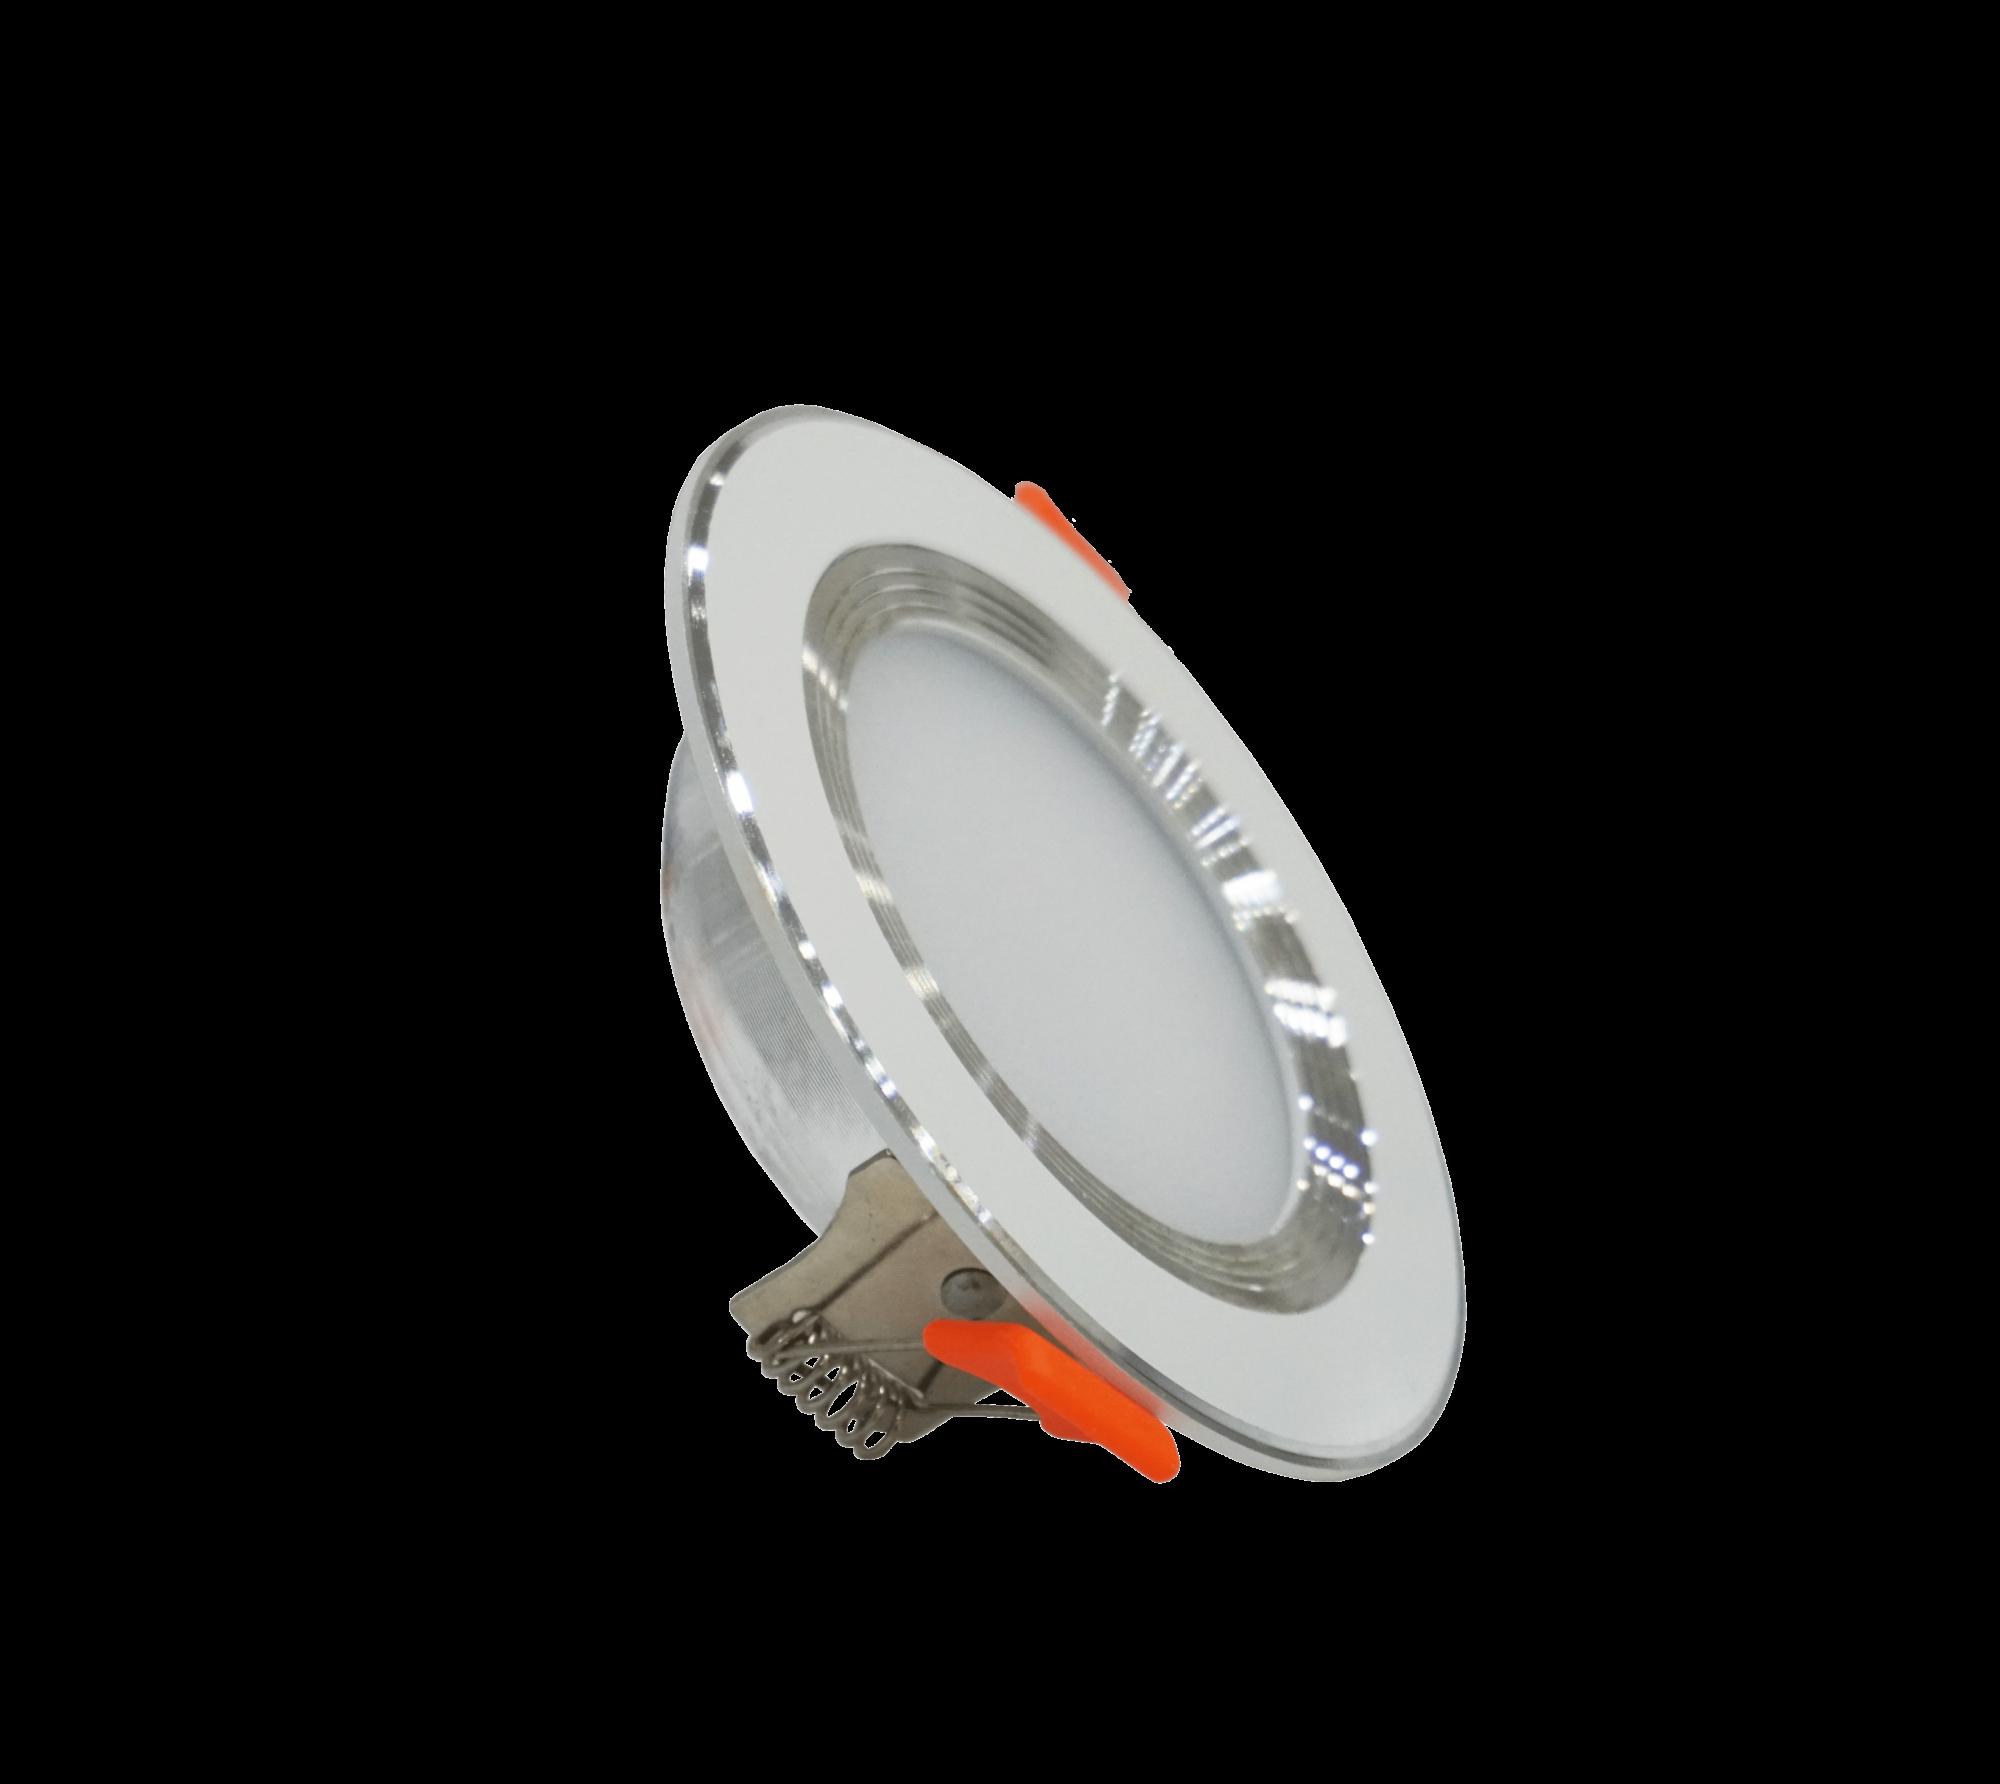 Đèn LED âm trần chống chói mỏng 9W viền trắng đơn sắc